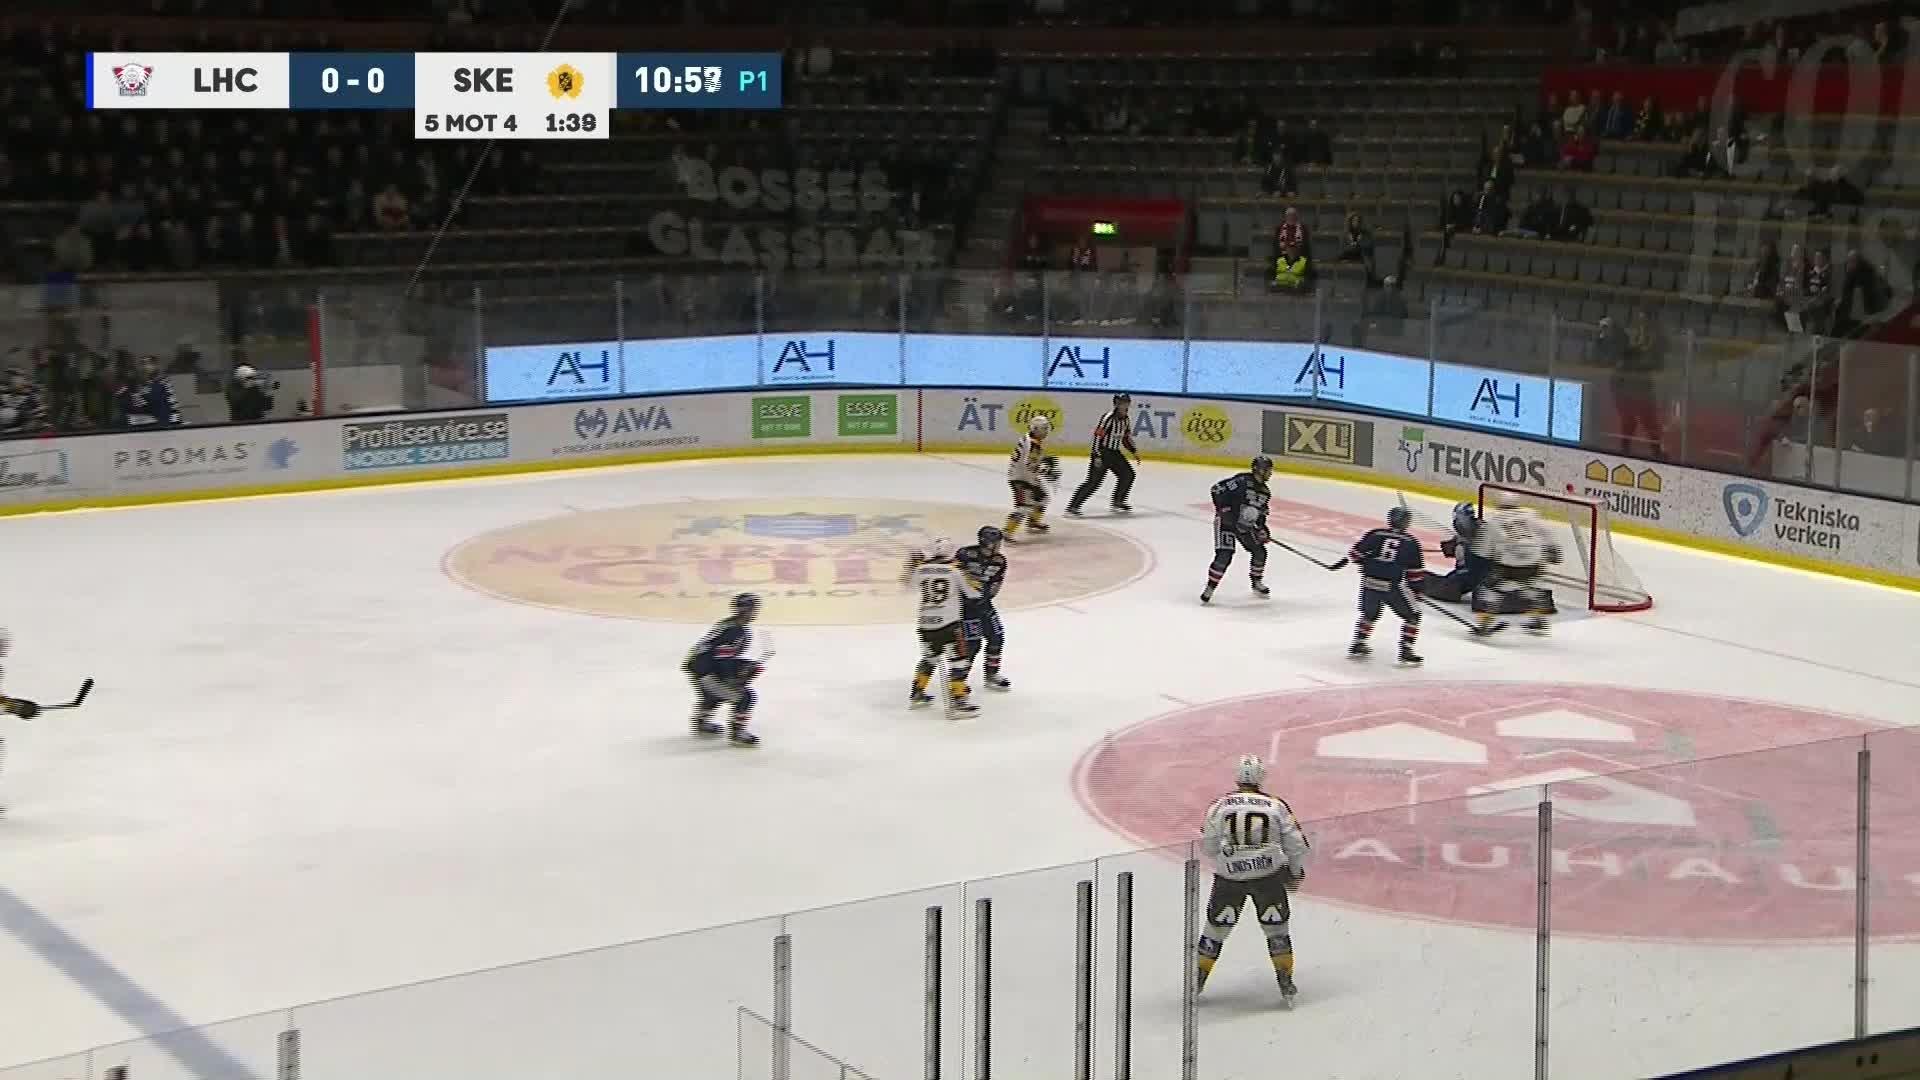 Linköping HC - Skellefteå AIK 0-1